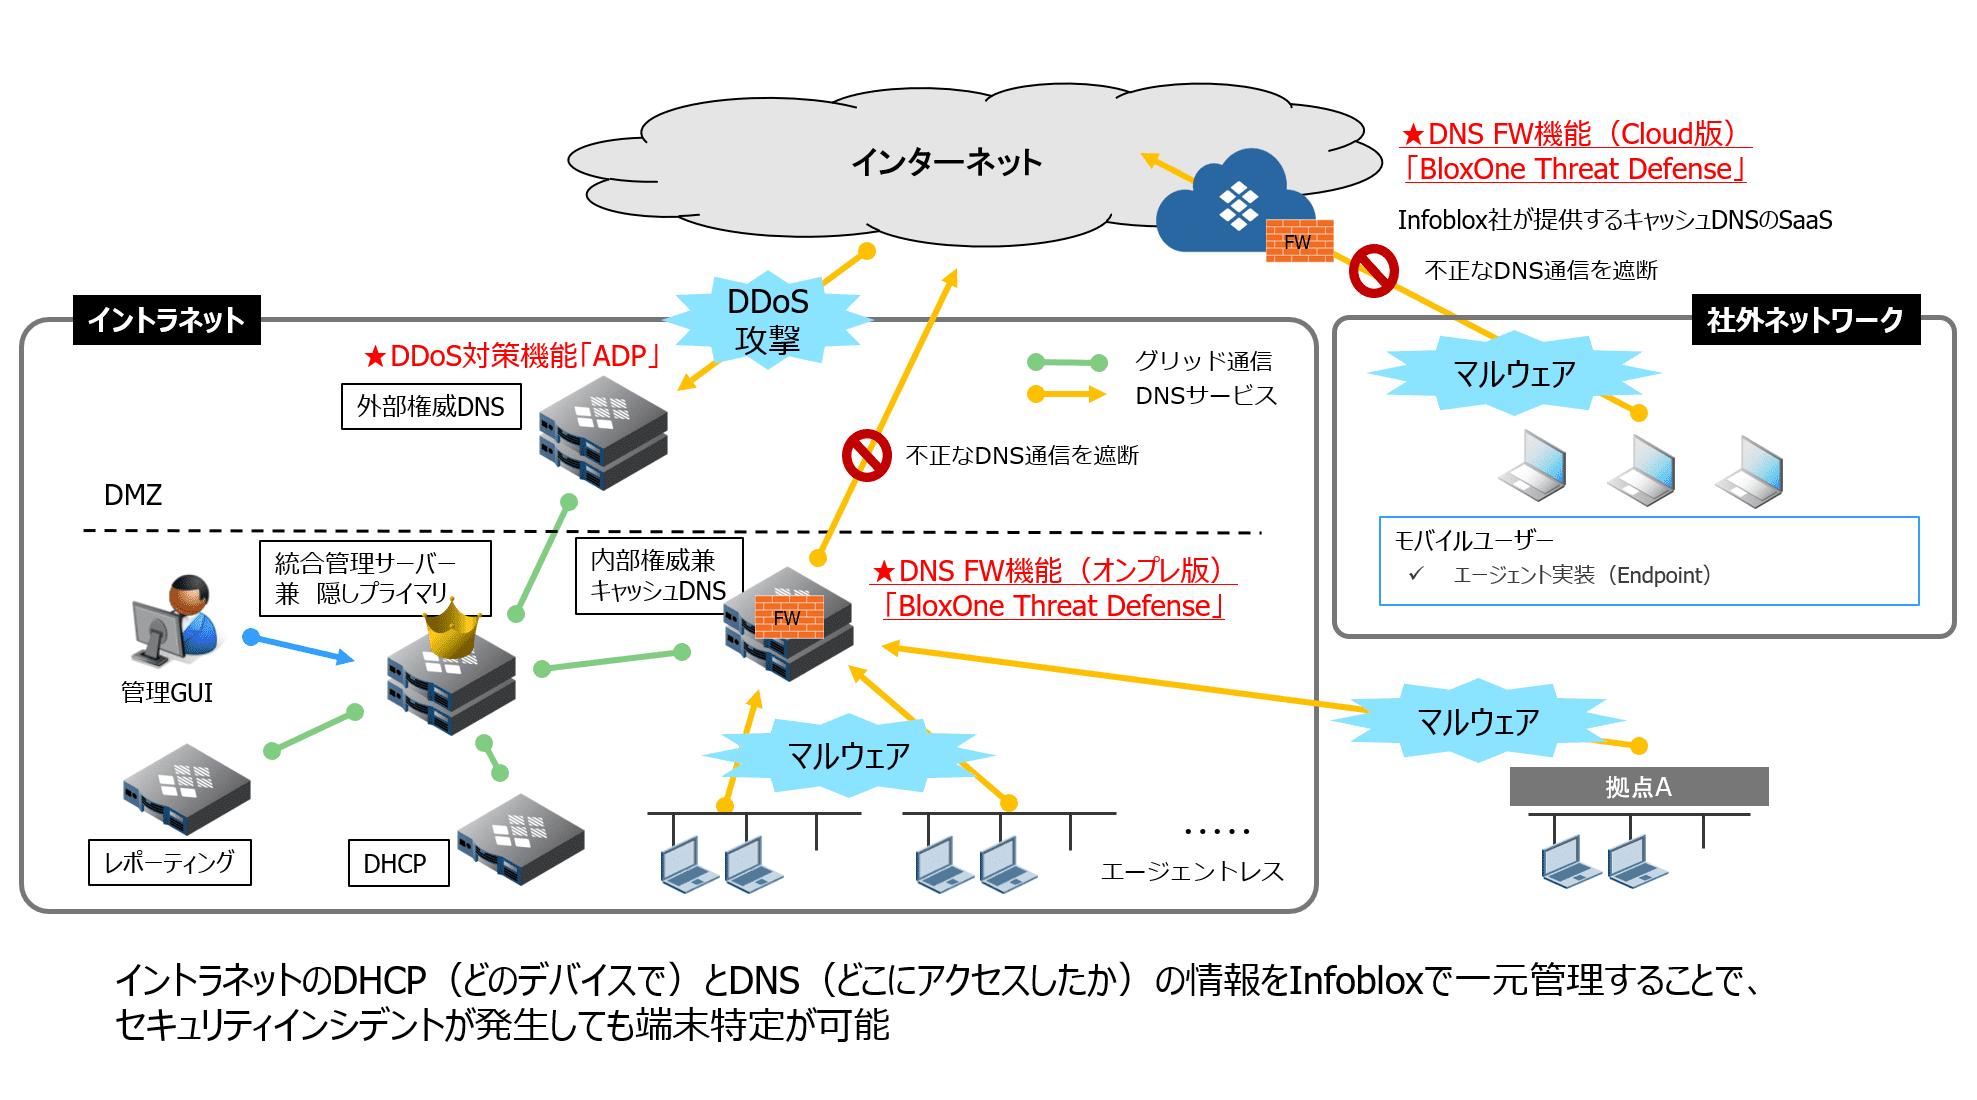 Infoblox セキュリティソリューションマップ